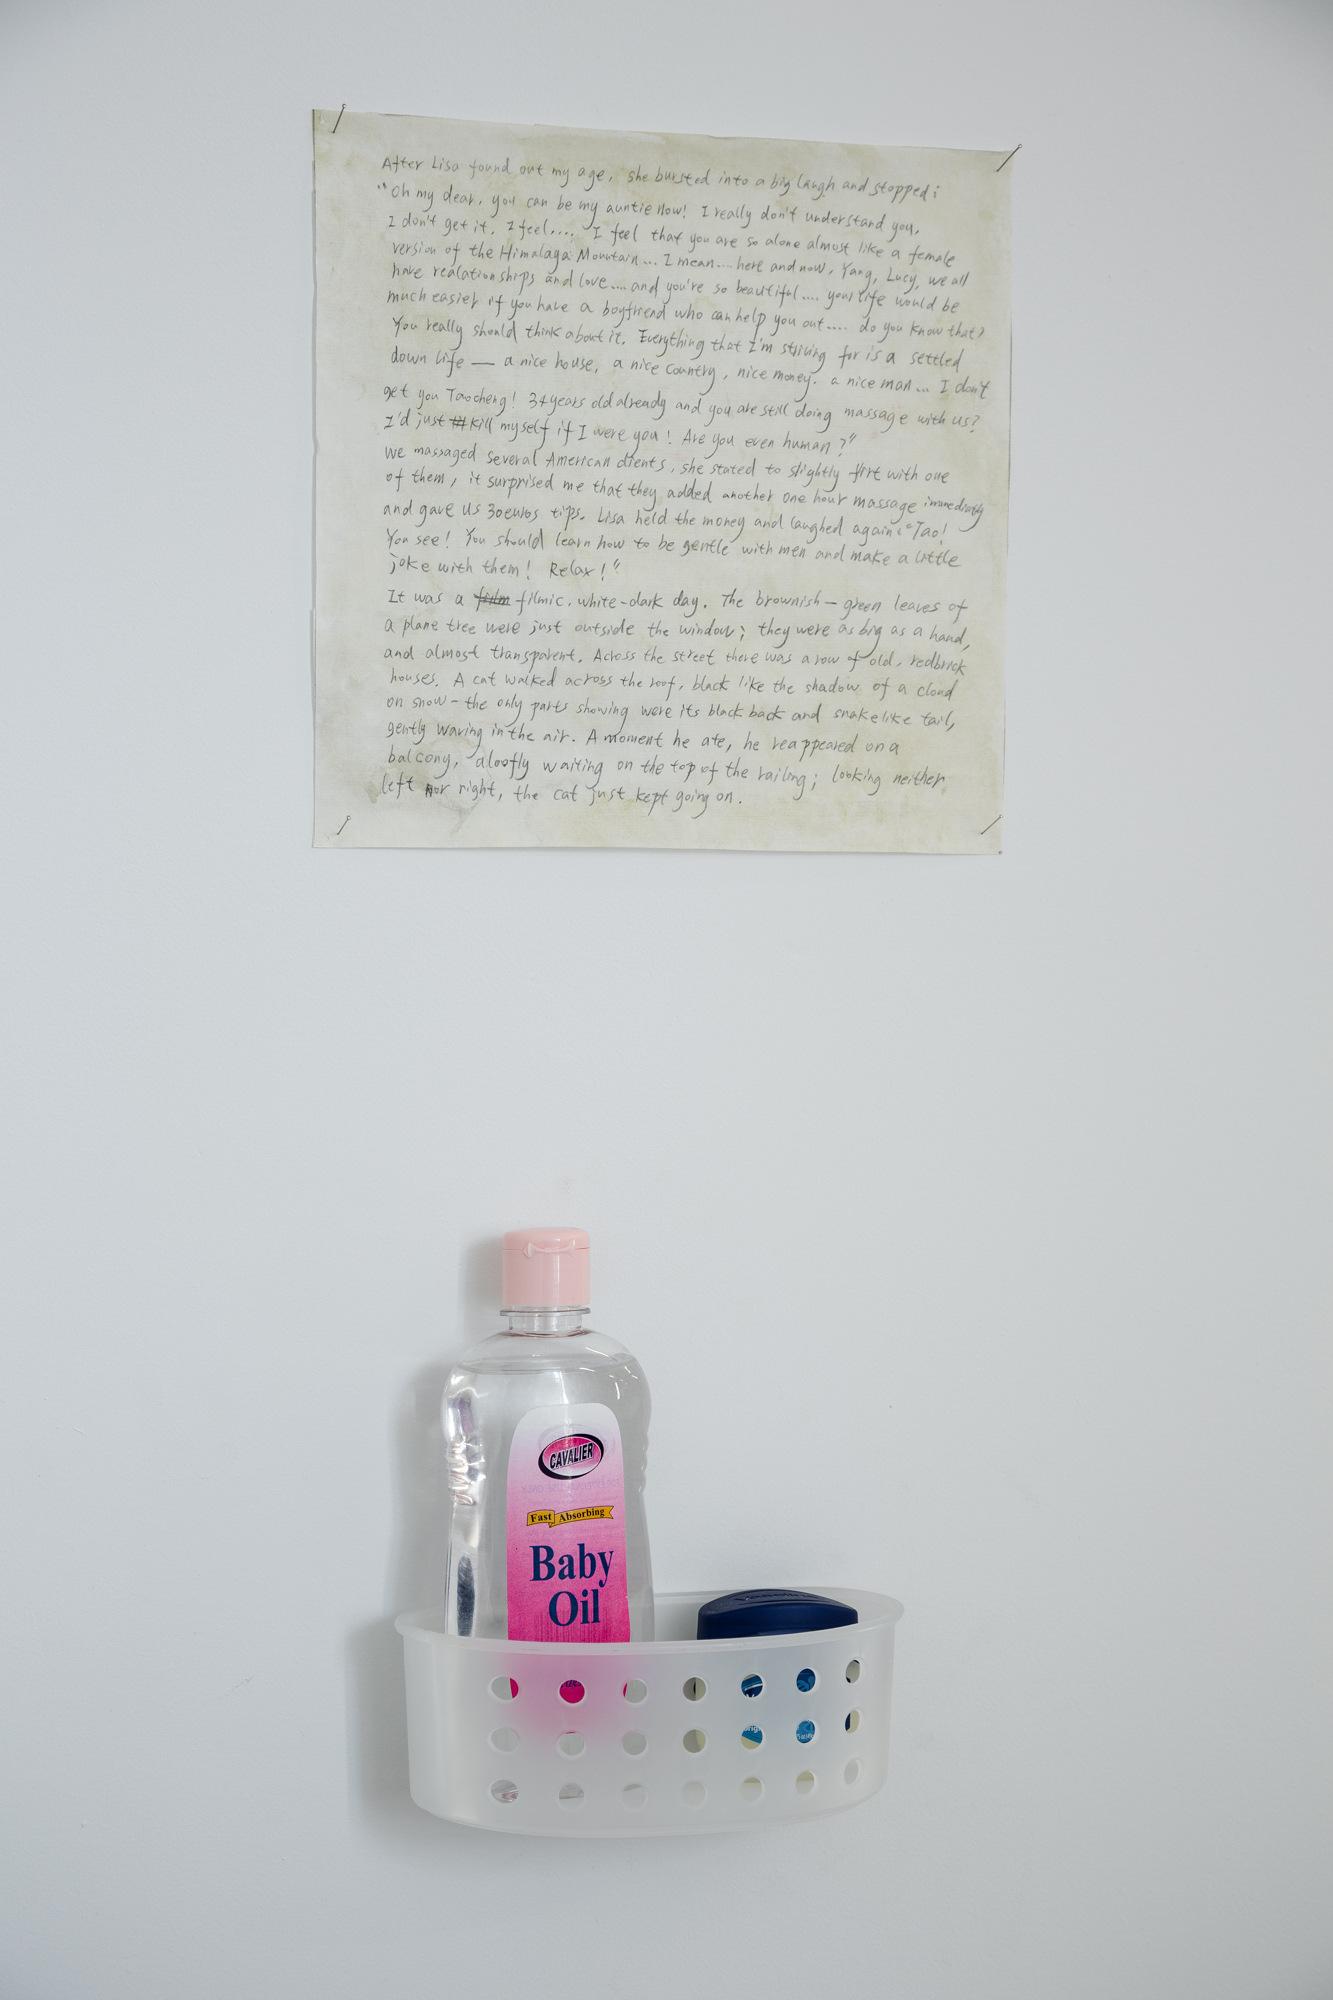 Taocheng Wang_Massage Near Me_Company Gallery_Large Jpegs-41